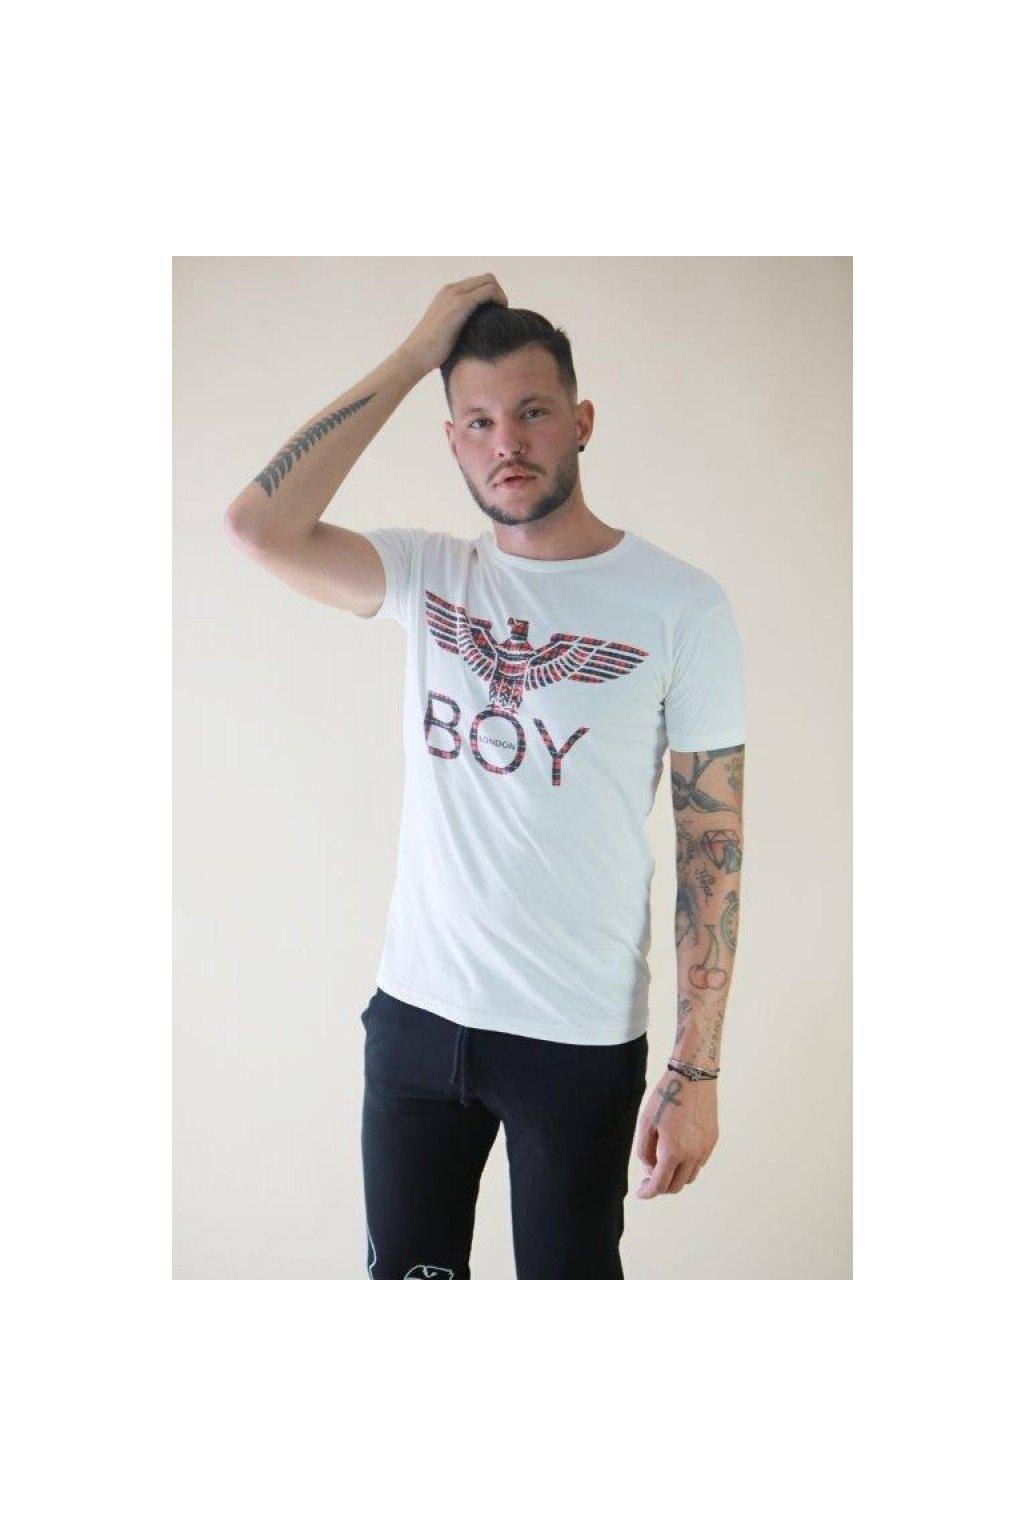 Tričko Boy London - smetanové s károvým znakem (Velikost Velikost XXL)